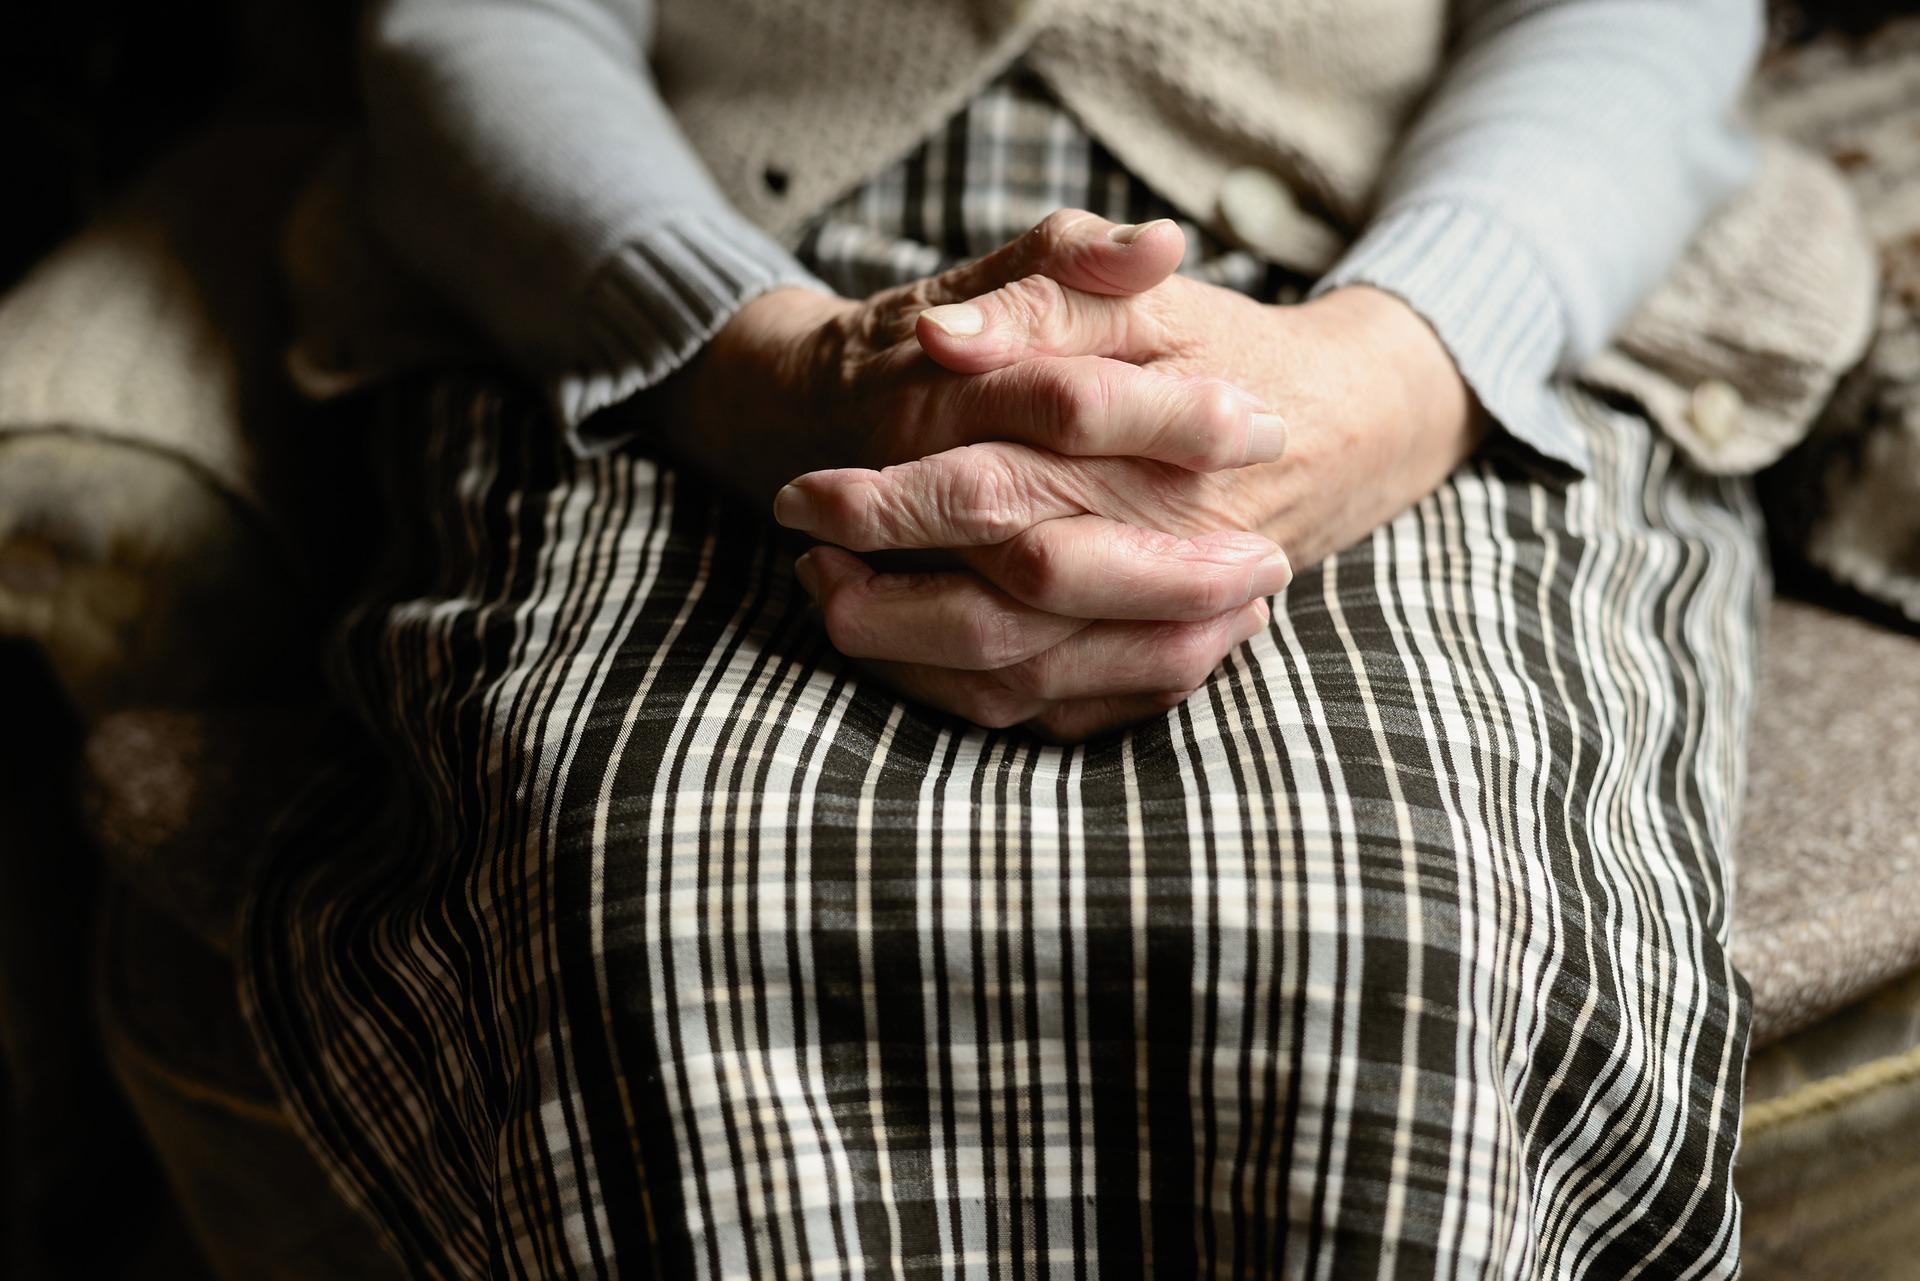 В Ростовской области молодой уголовник изнасиловал 89-летнюю бабушку